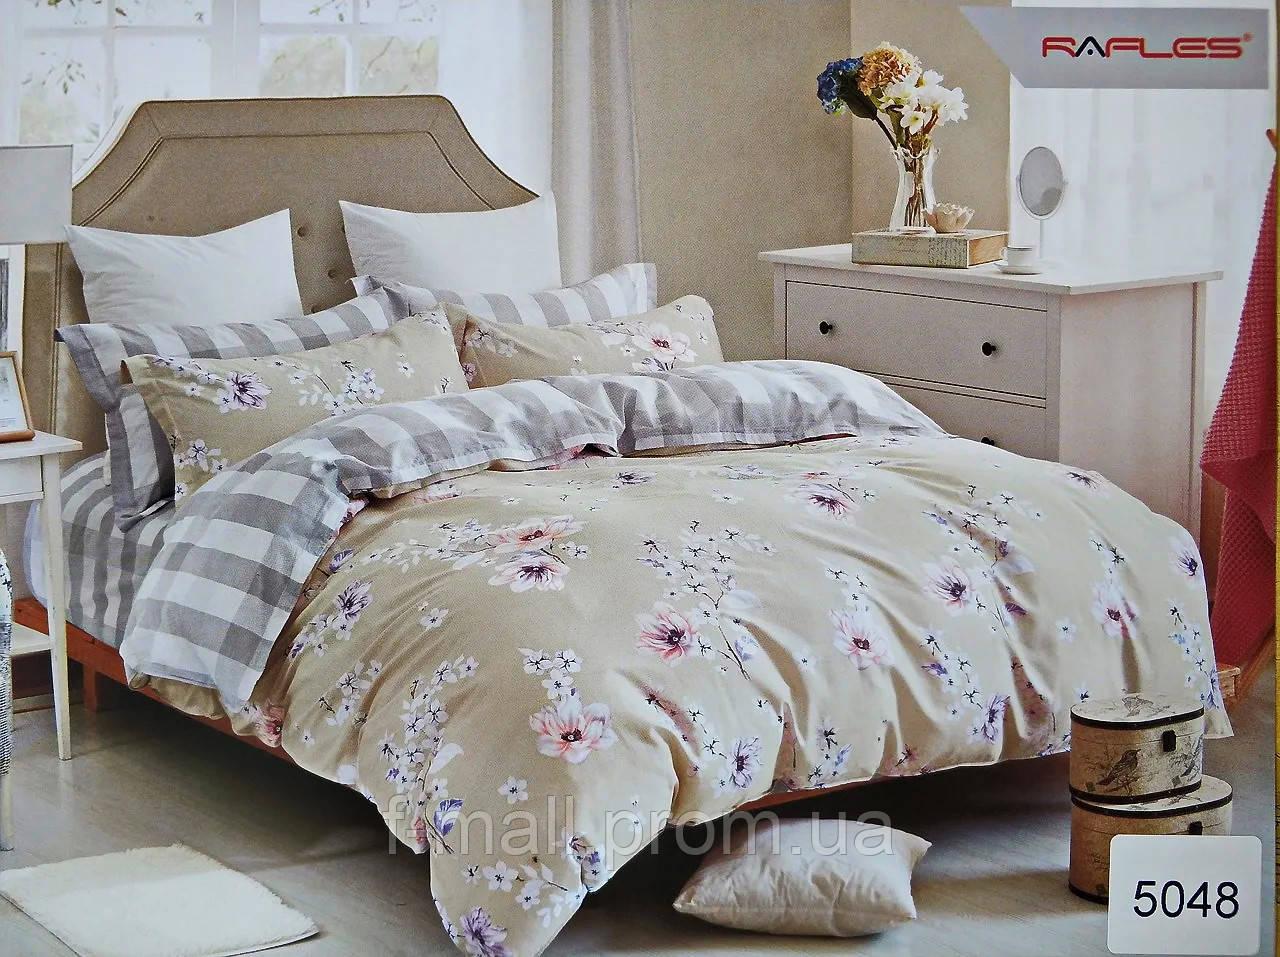 Комплект постельного белья ELWAY (Польша) Сатин семейный (5048)